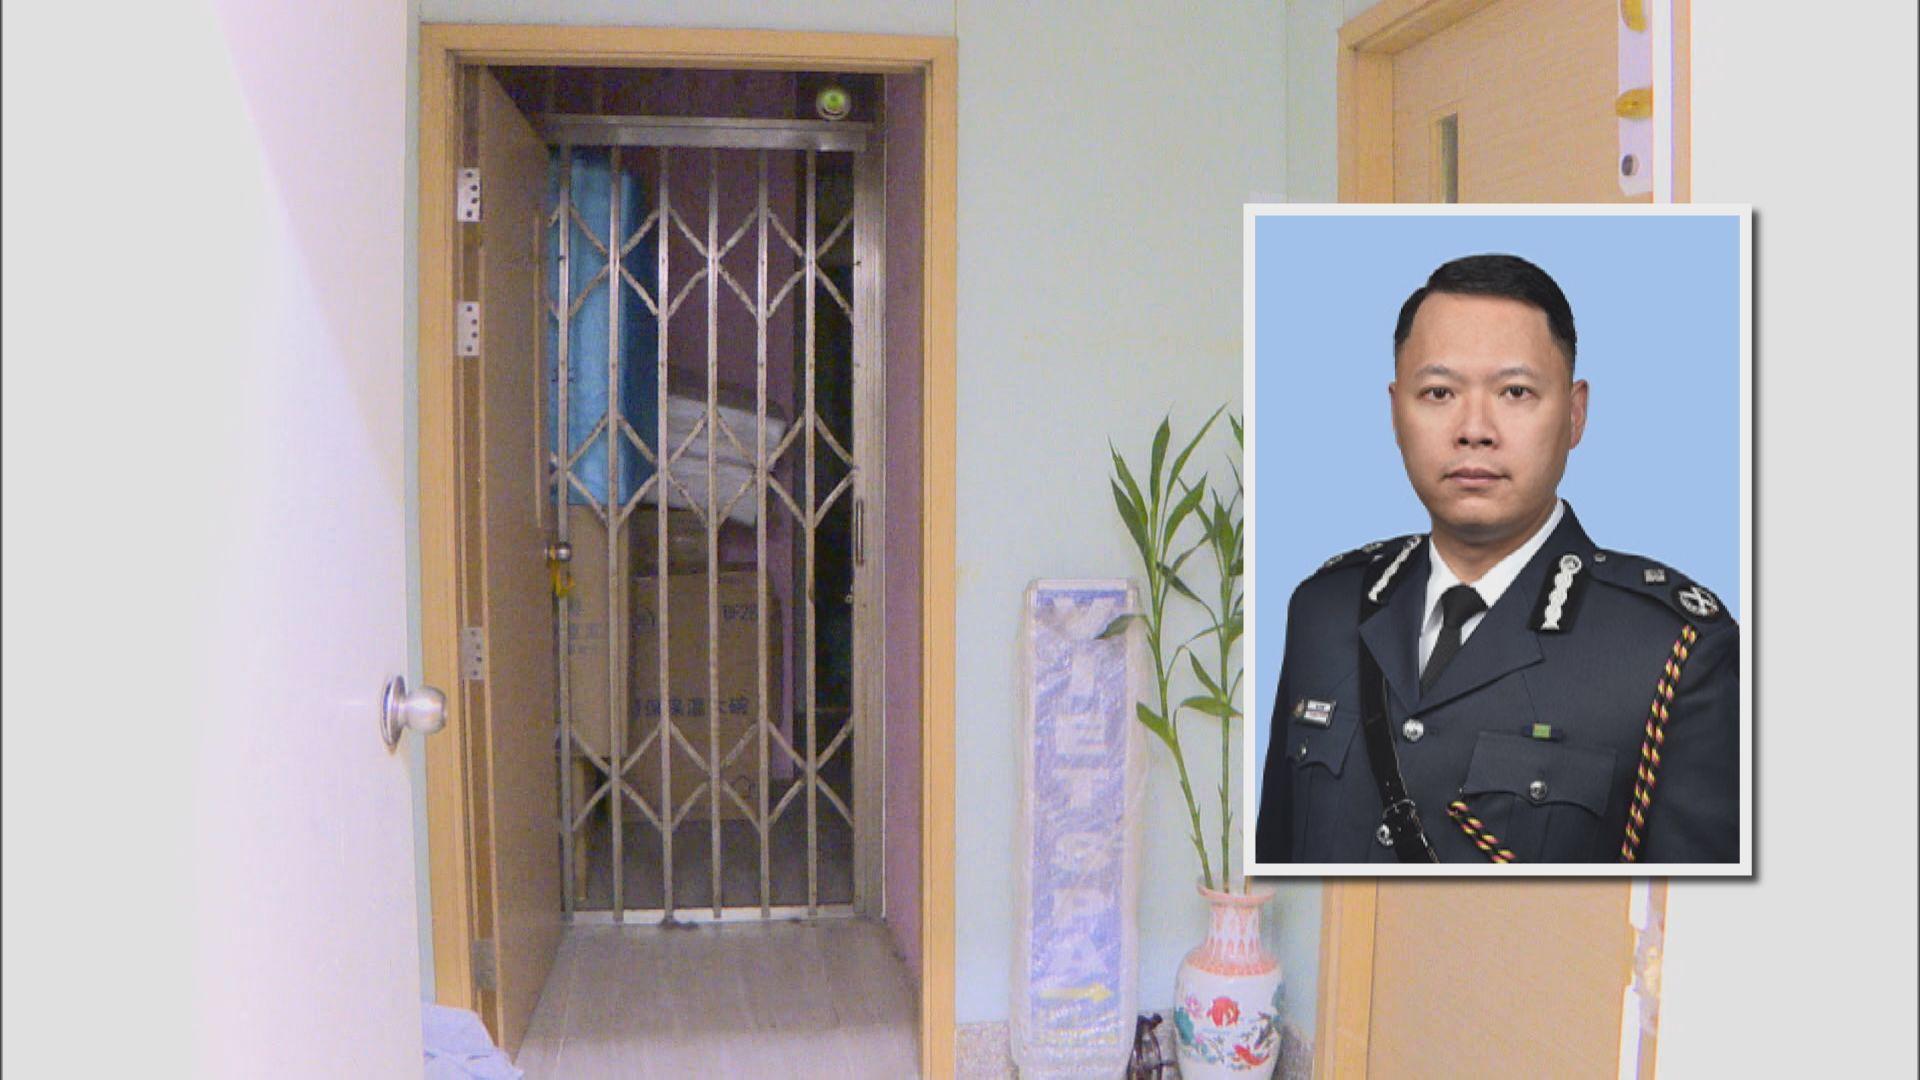 蕭澤頤:蔡展鵬案不涉刑事成分交公務員事務局處理